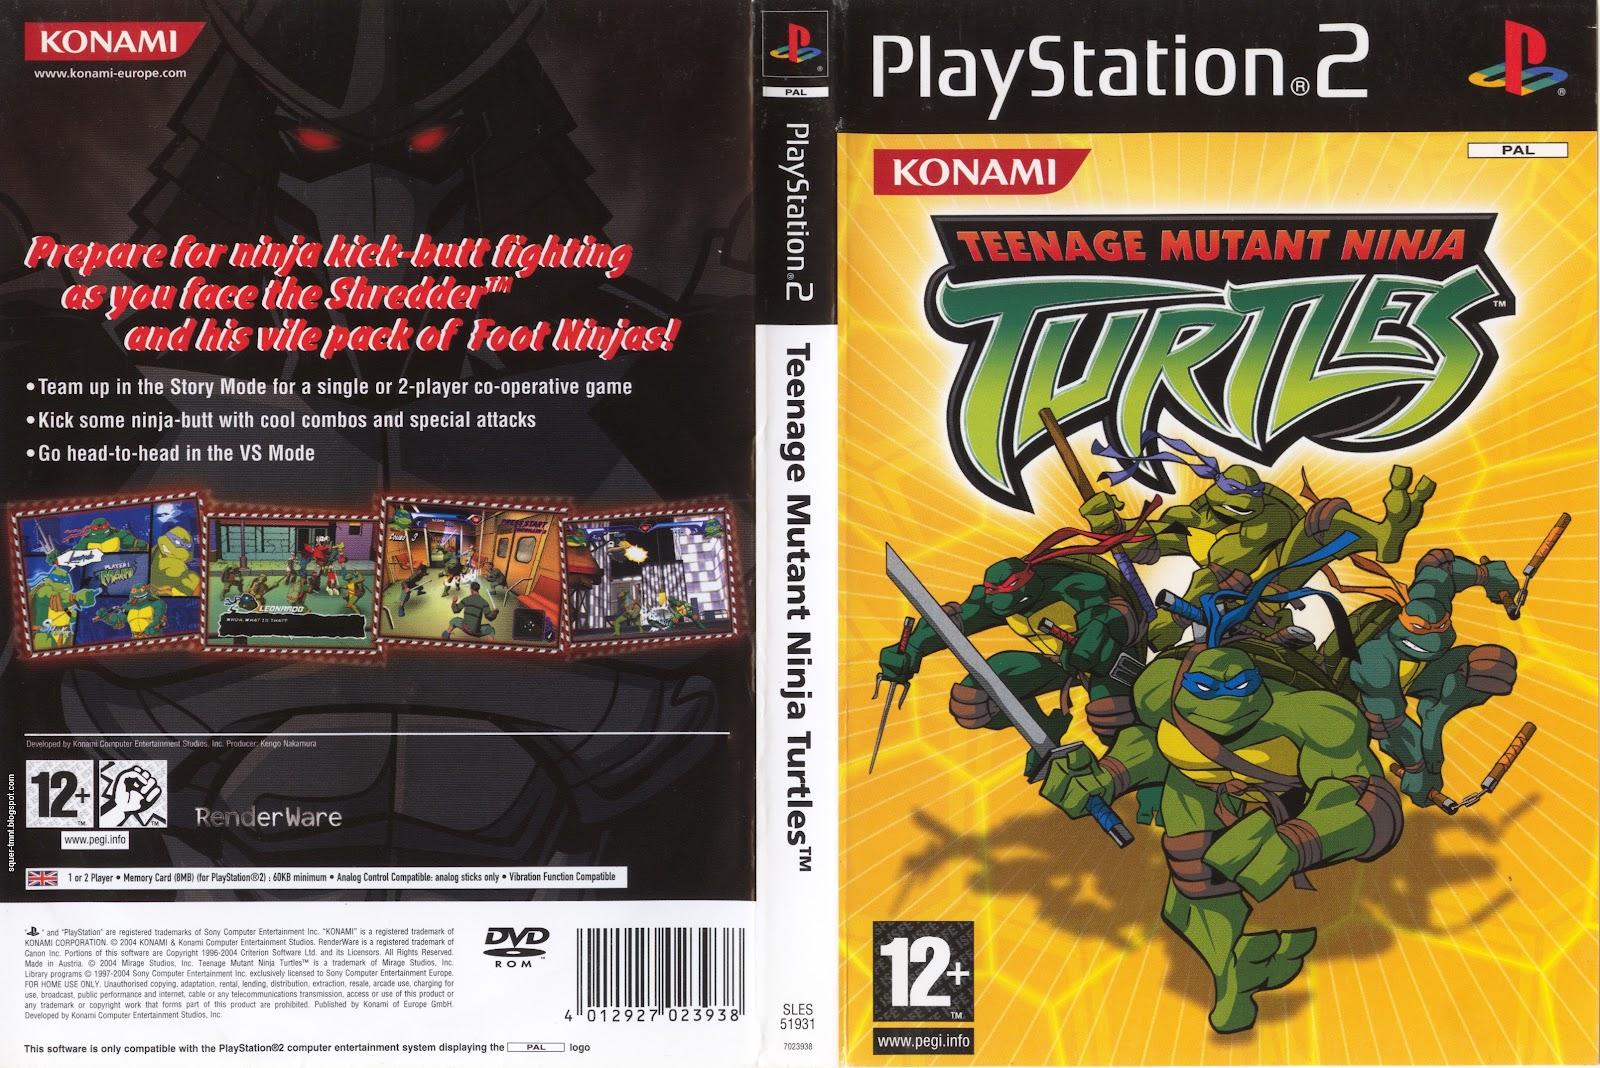 Teenage Mutant Ninja Turtles 2003 Full Game Free Pc Download Play Teenage Mutant Ninja Turtles 2003 Ipad